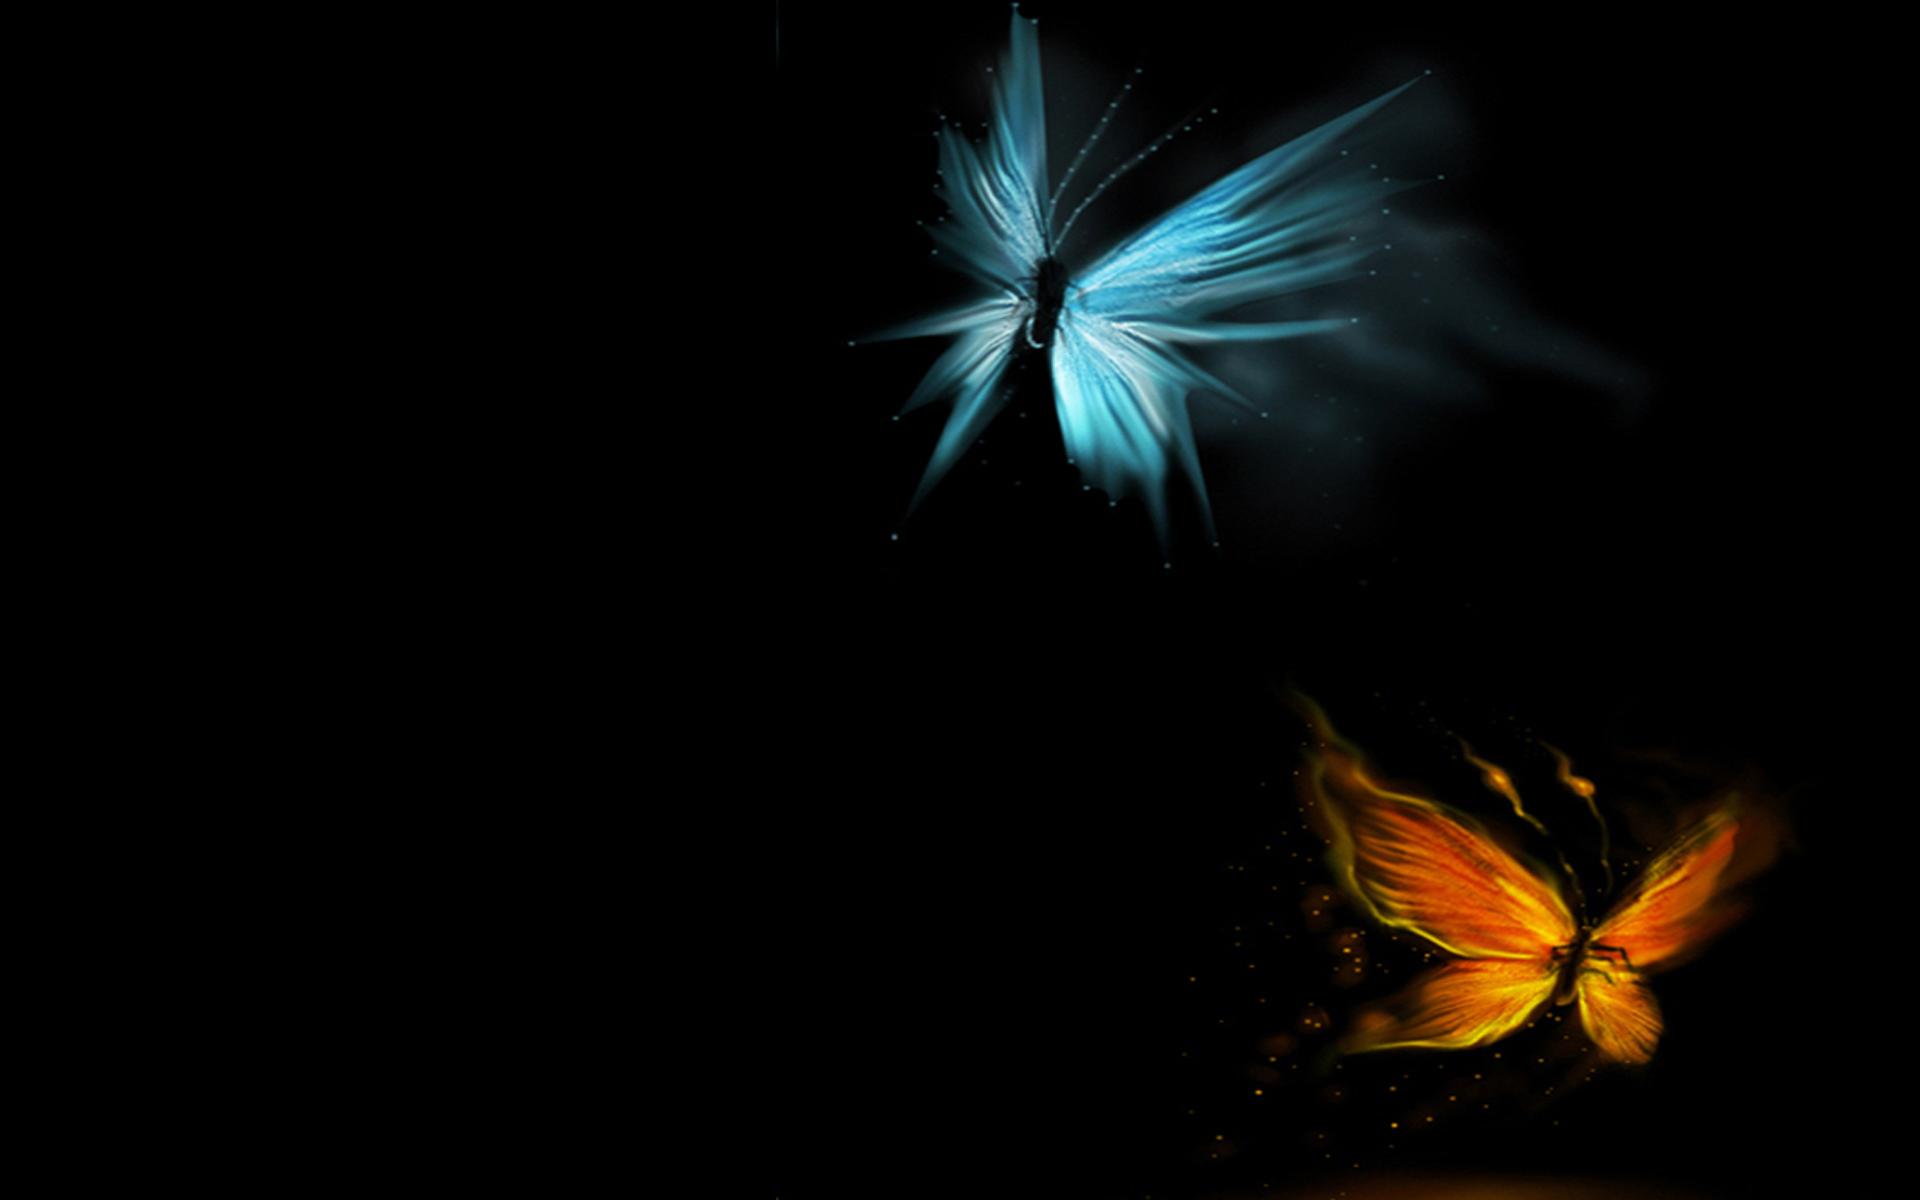 Скачать бесплатно обои бабочки на рабочий стол   подборка (7)